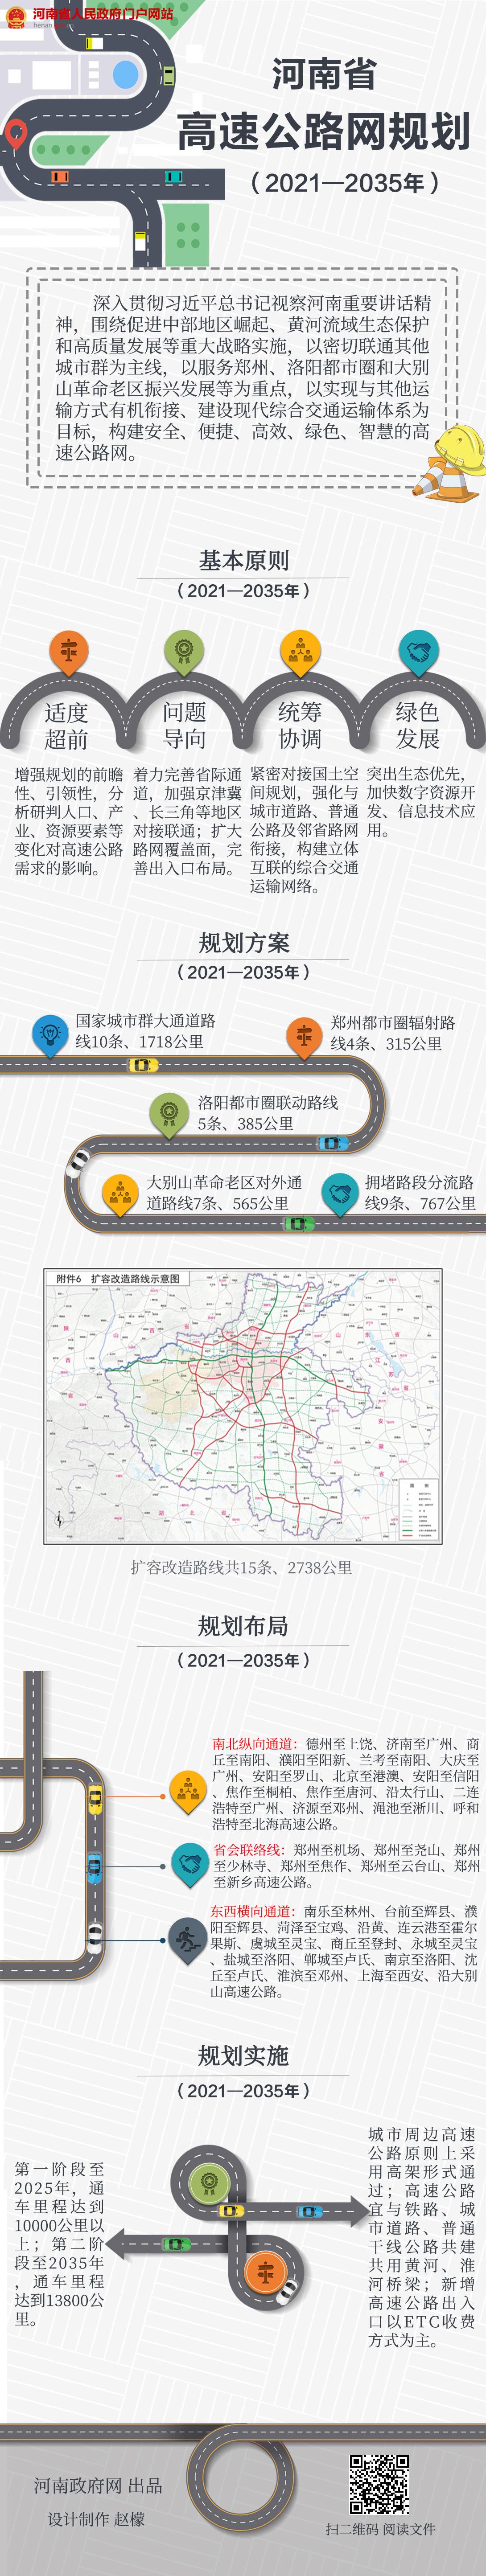 图解:河南规划新增高速路线35条